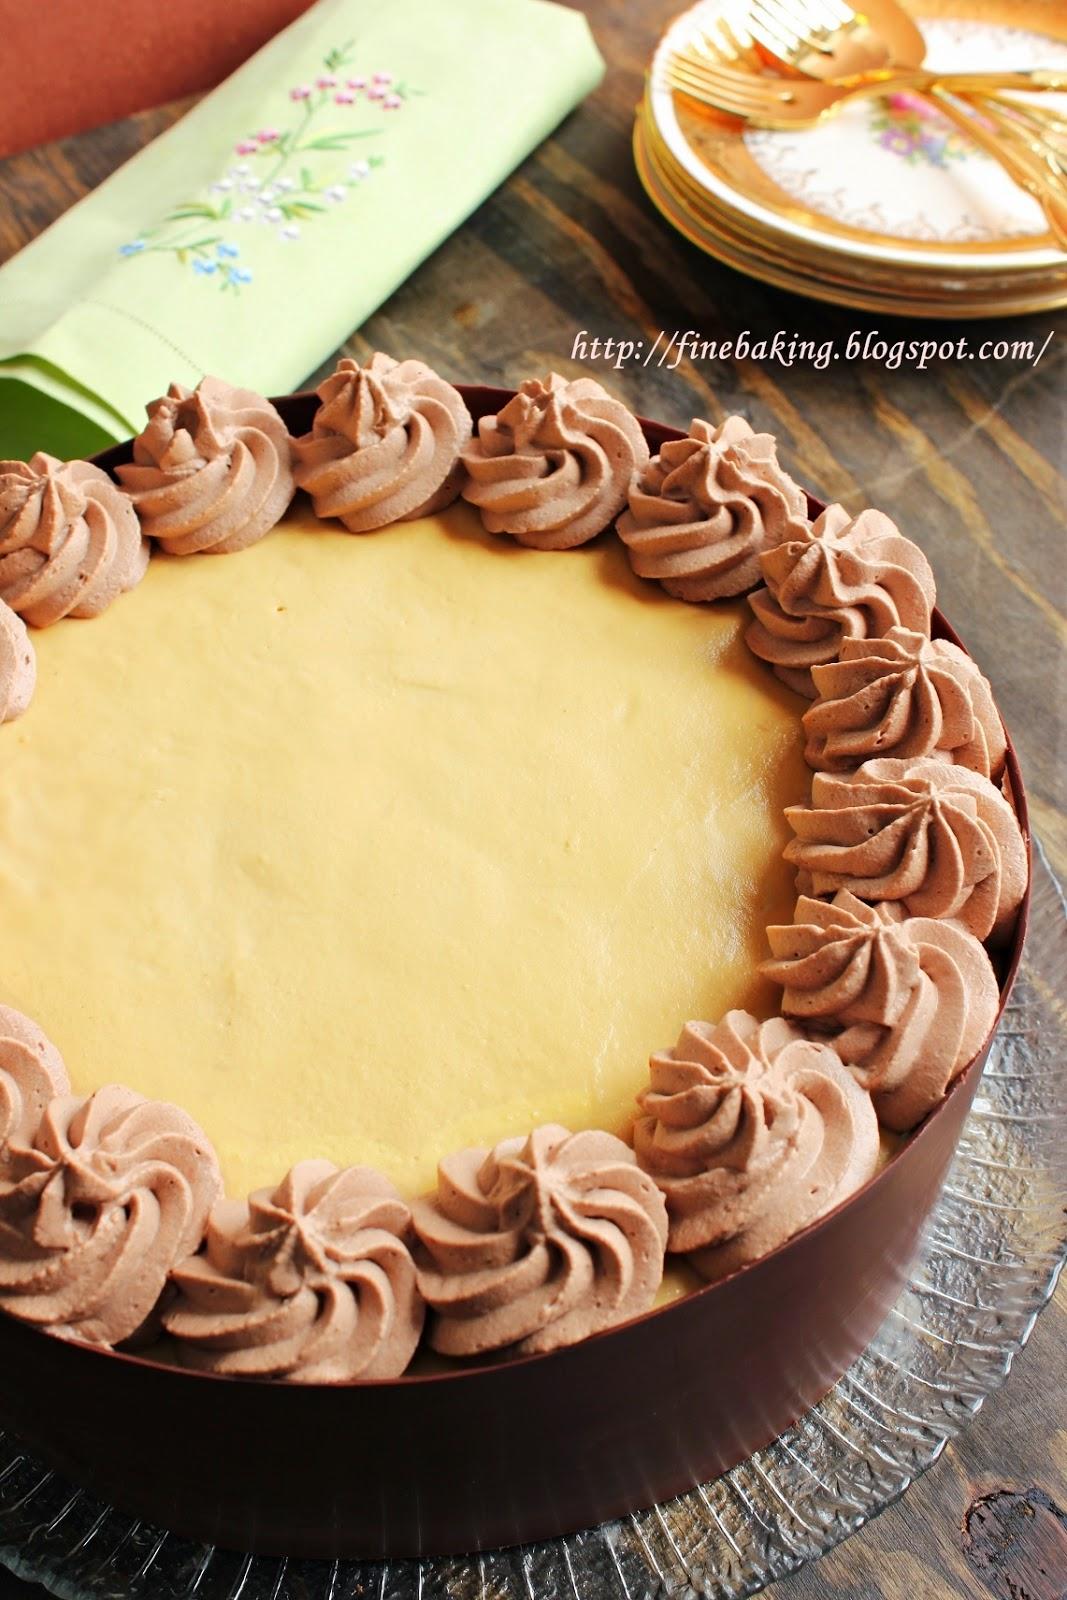 Gordon S Chocolate Cheesecake